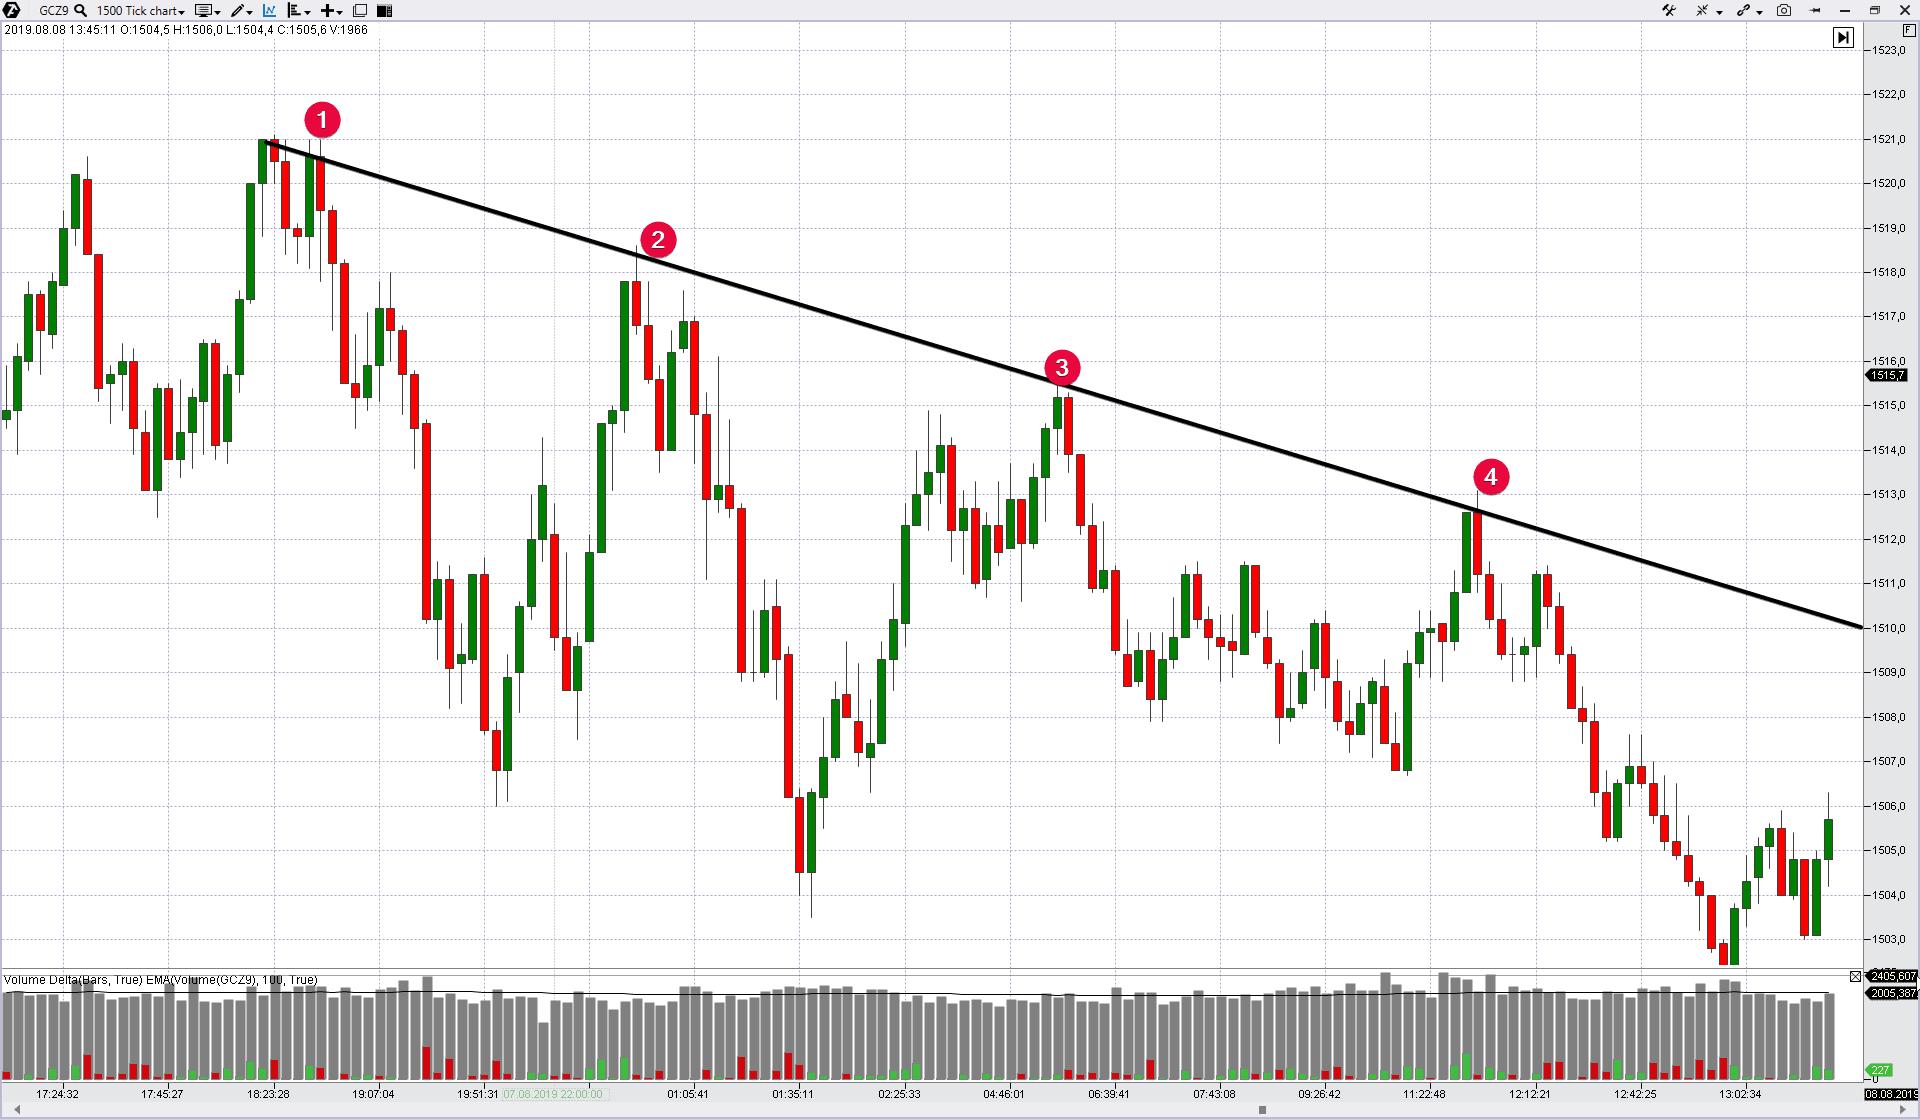 Resistance line in the descending market.